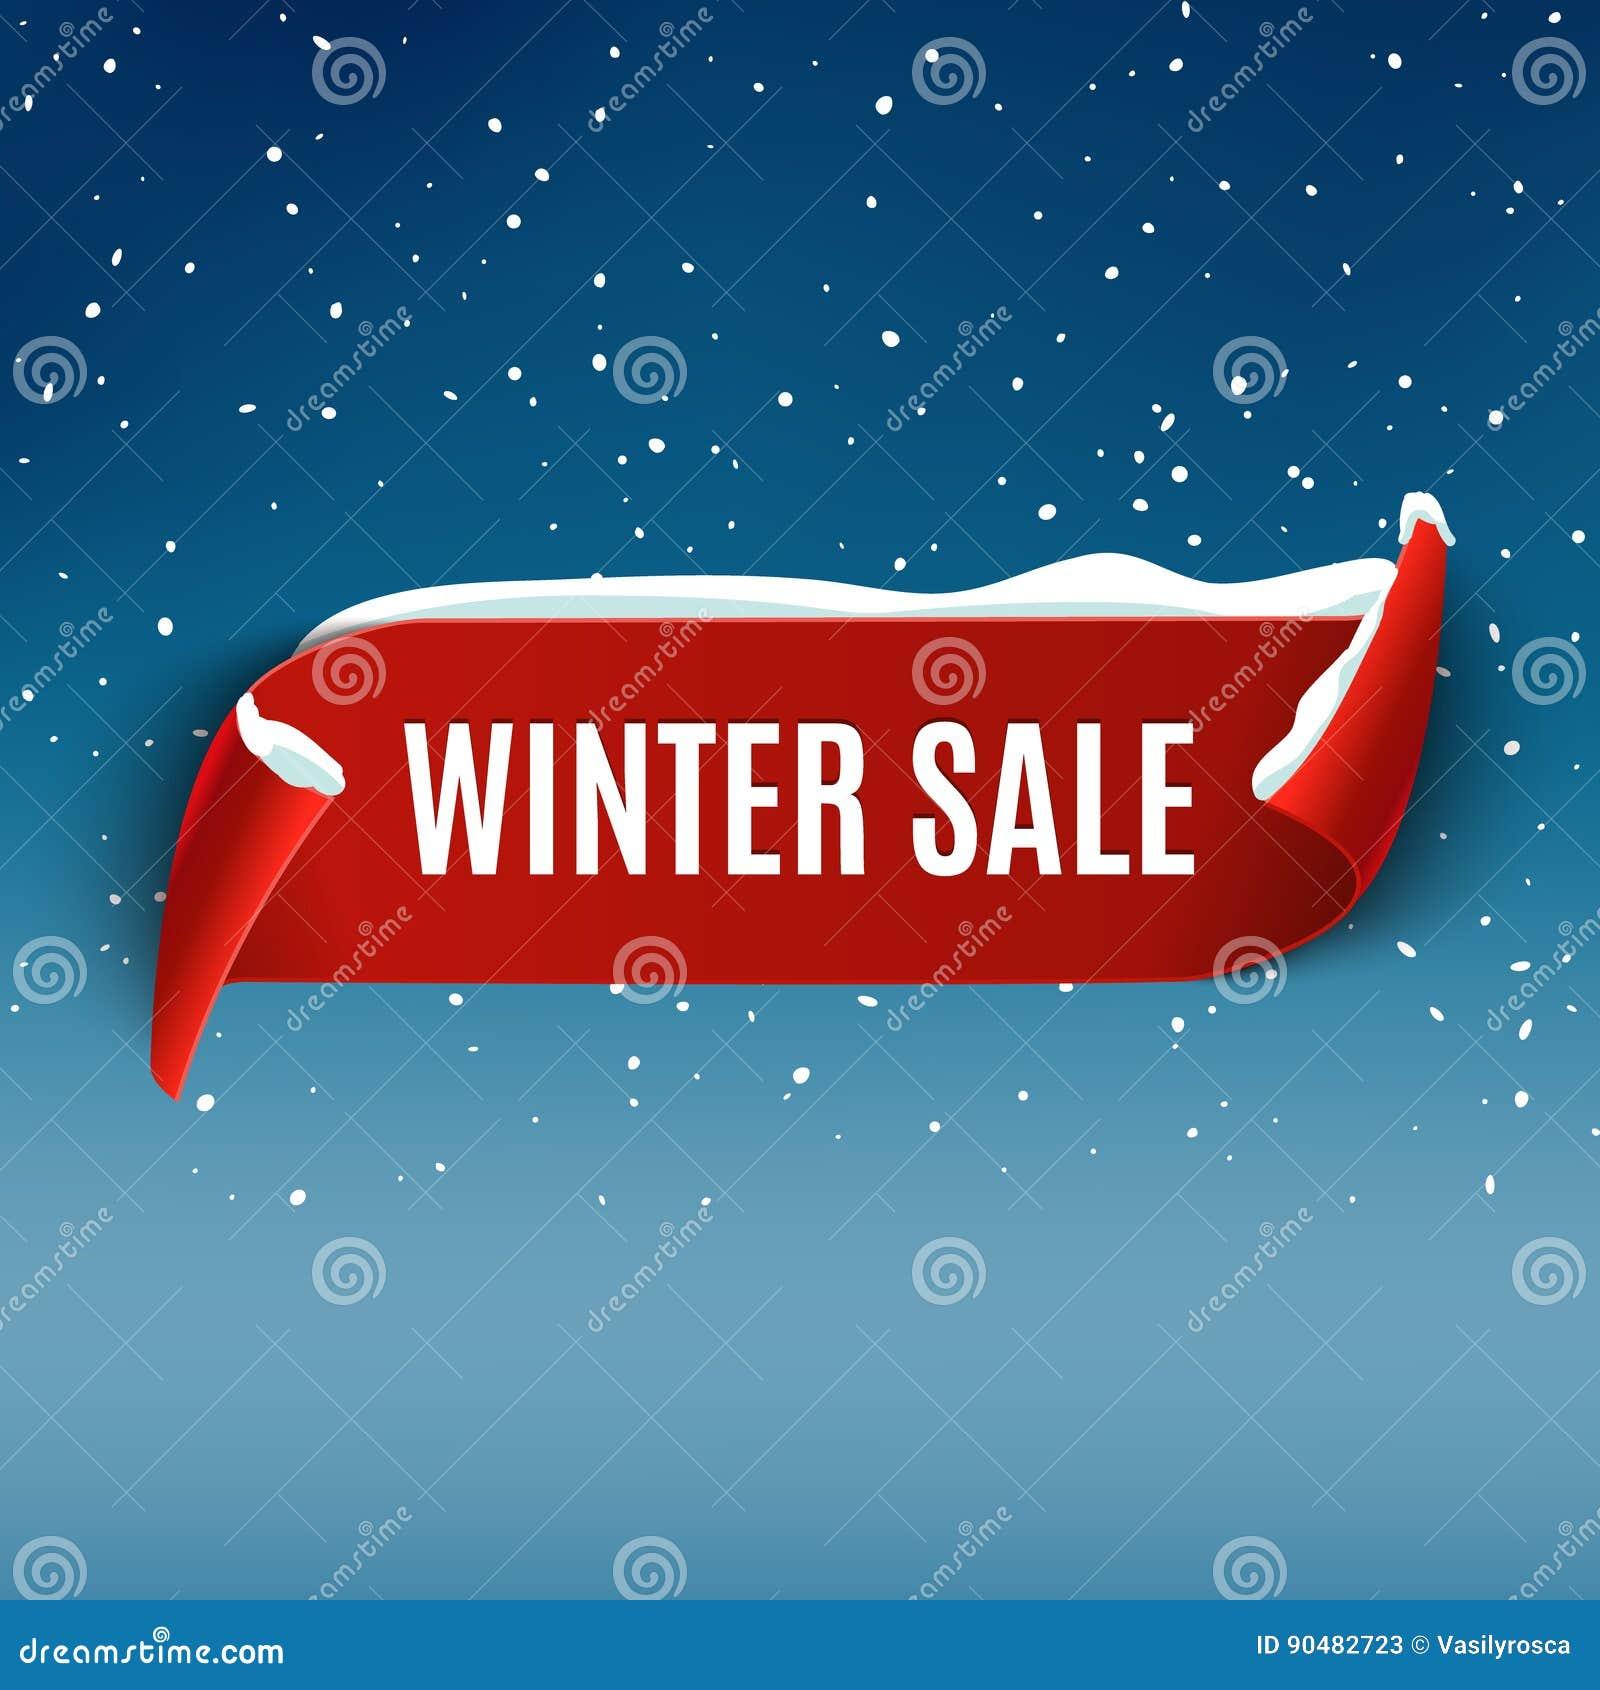 Fondo de la venta del invierno con la cinta realista roja Diseño promocional del cartel o de la bandera del invierno con nieve Má